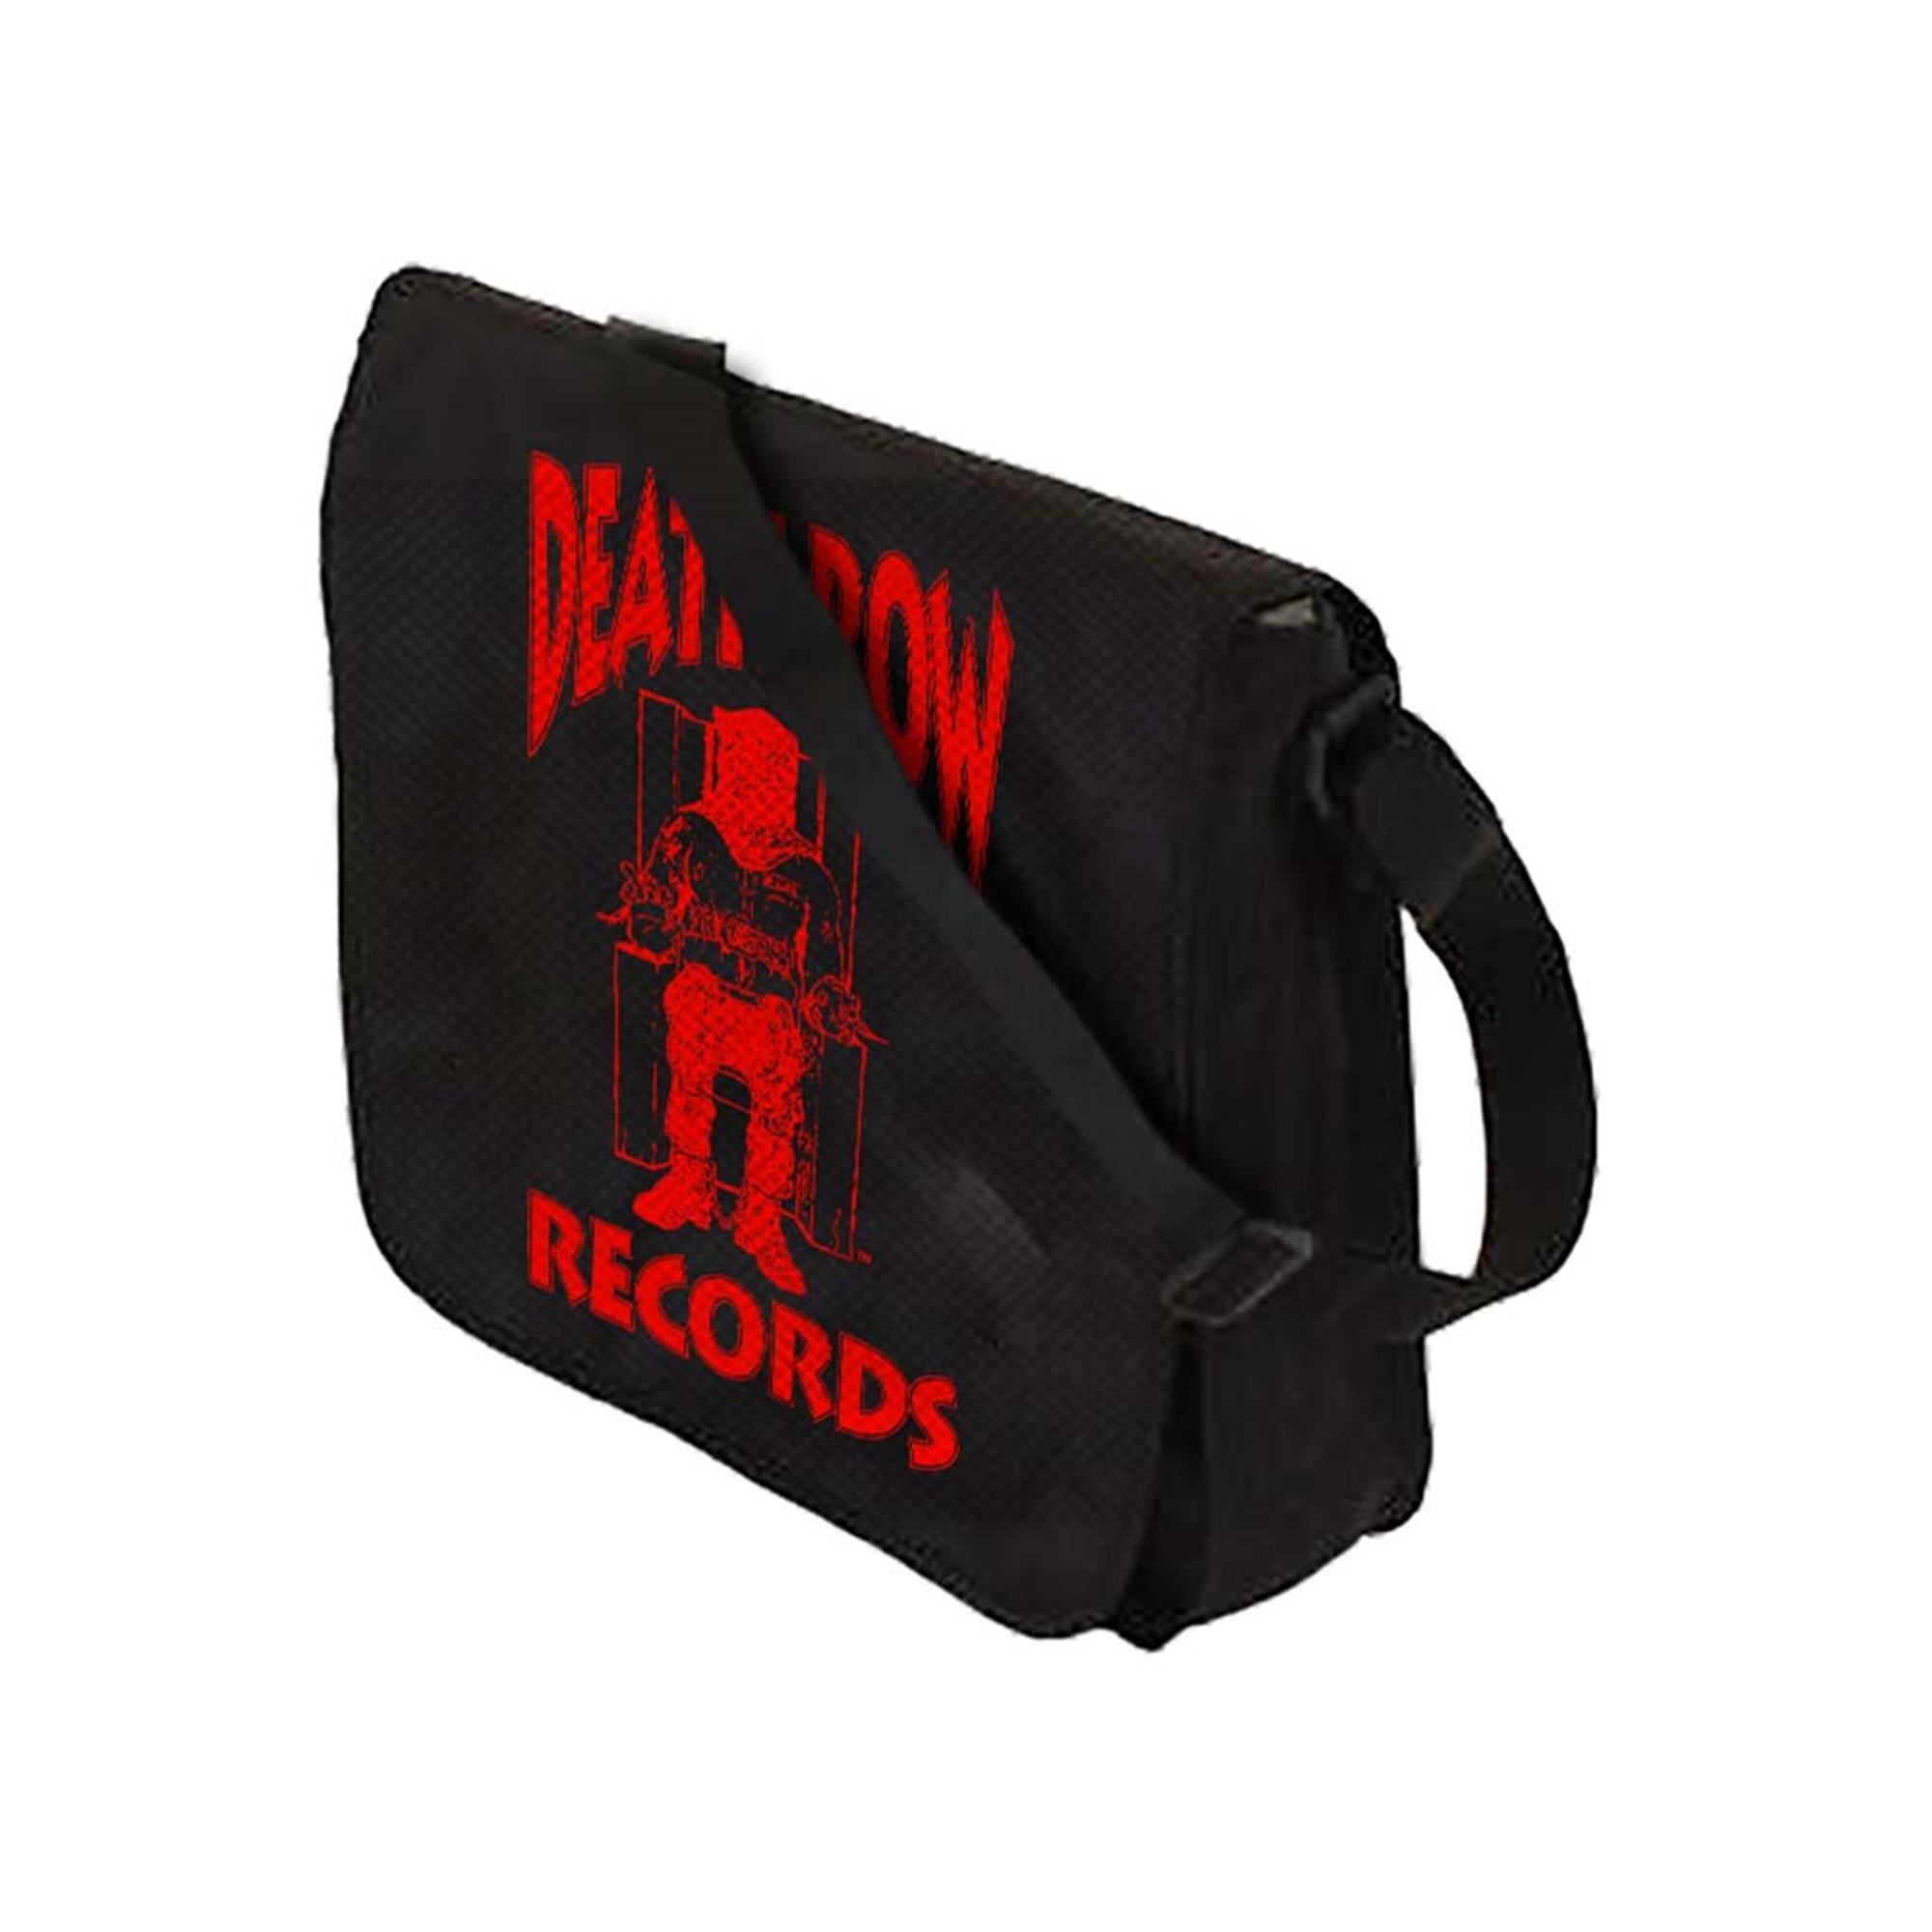 Death Row Records Logo Flap Top Record Bag